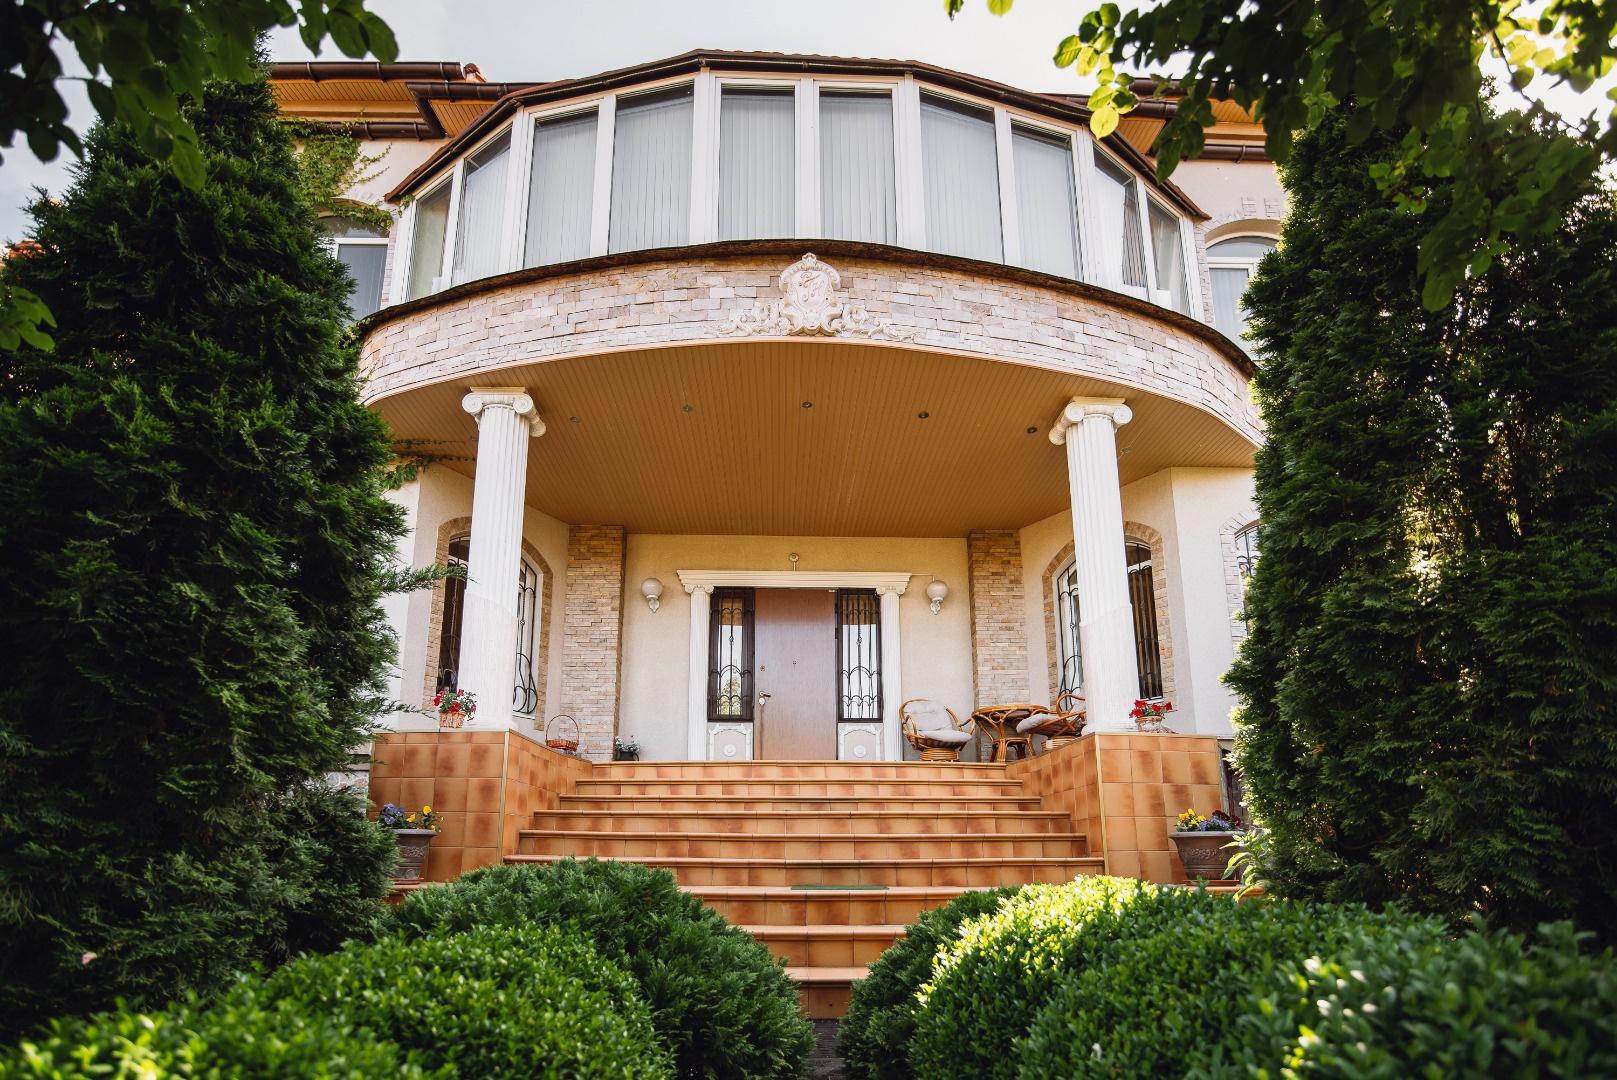 Продается Дом на ул. Аркадиевский Пер. — 1 500 000 у.е. (фото №4)